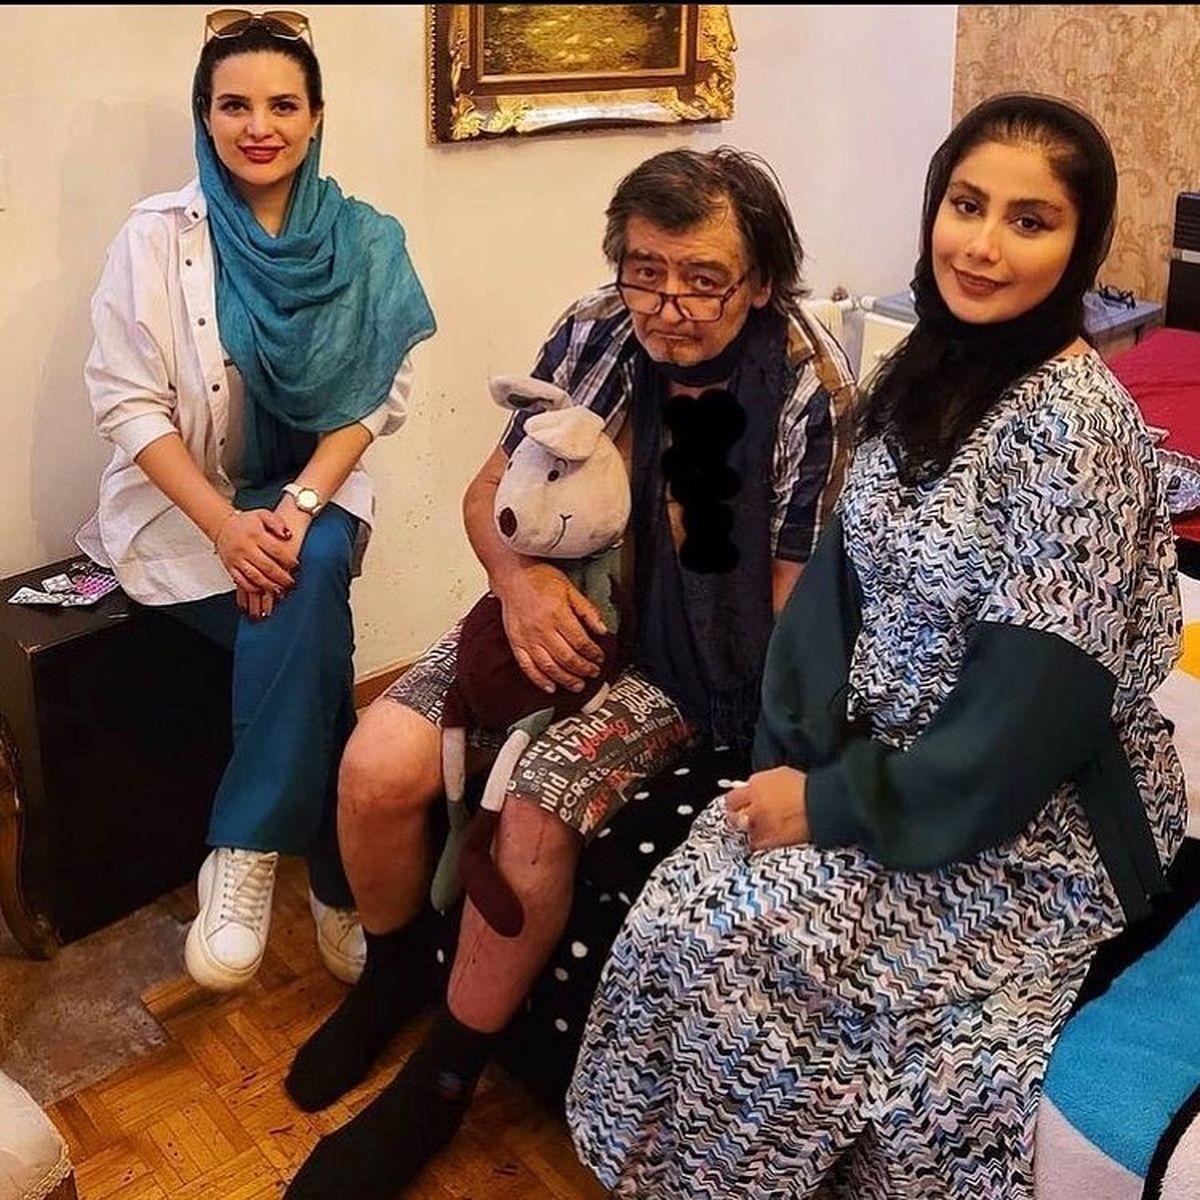 عکس ناراحت کننده از رضا رویگری | عکس همسر جوان رضا رویگری